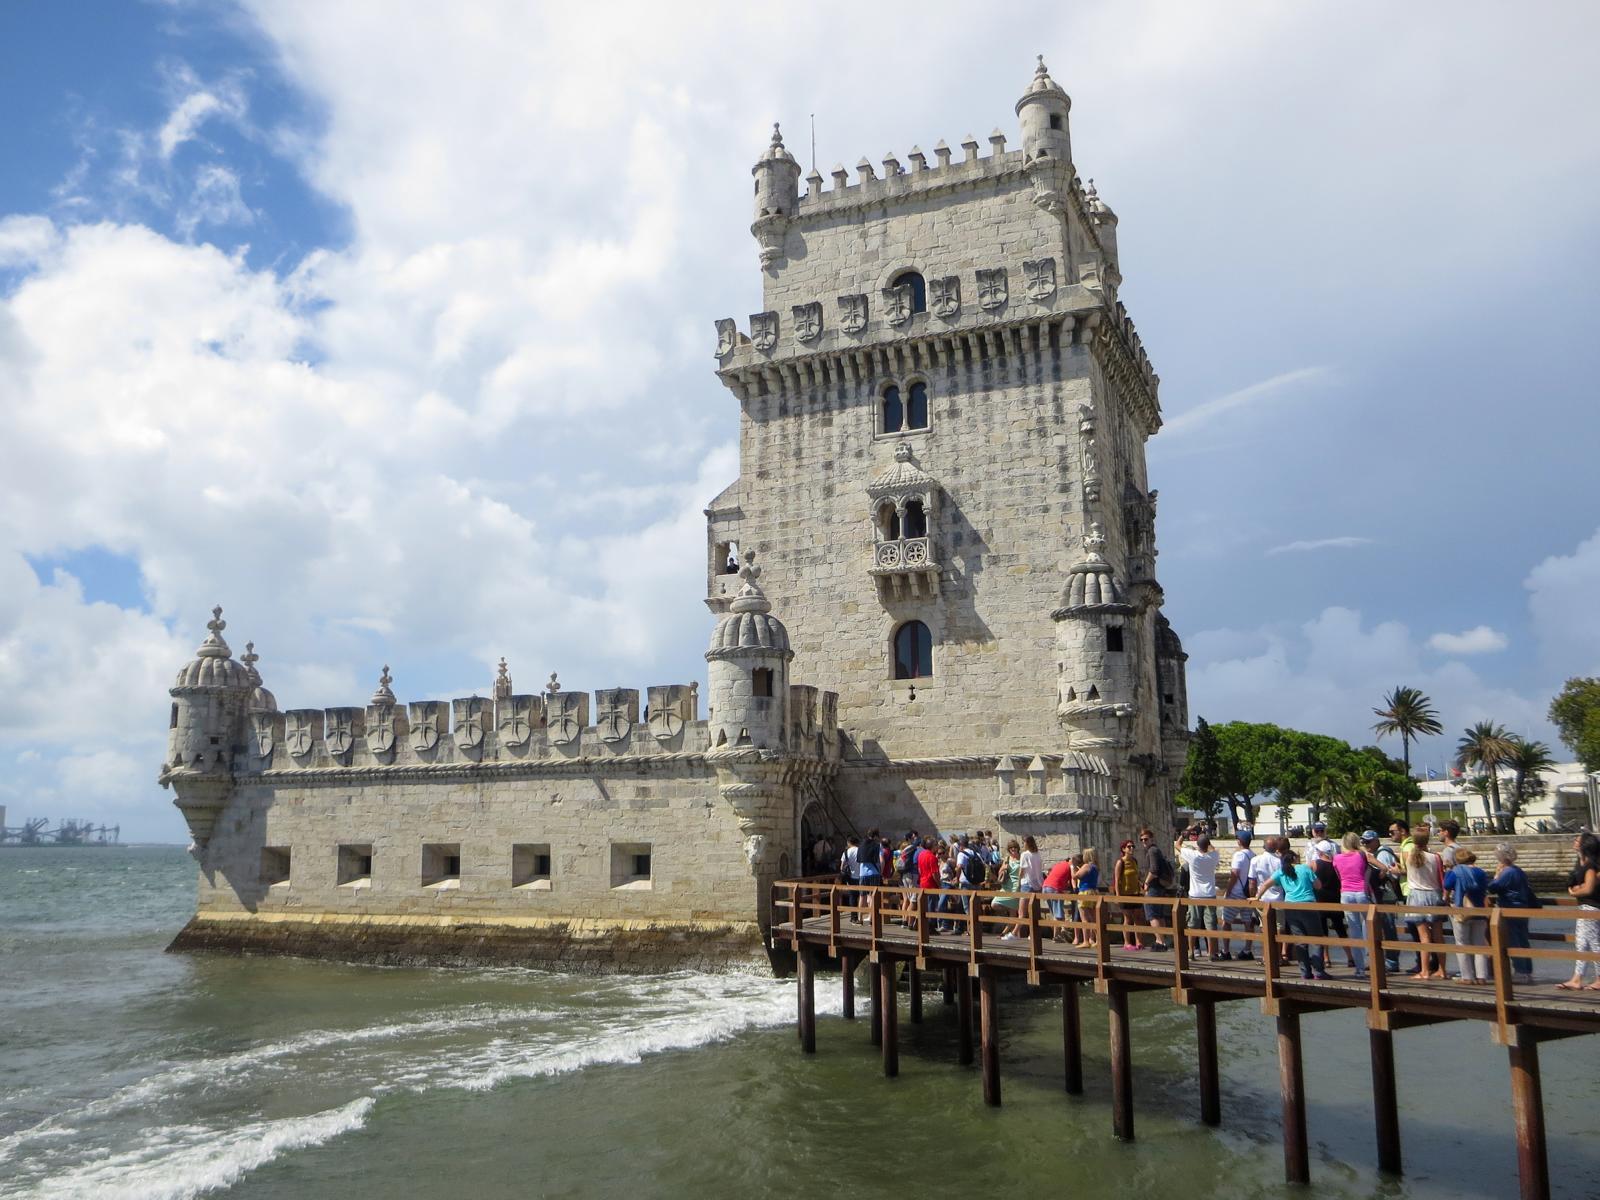 Städtereise Lissabon Sehenswürdigkeiten Torre de Belém Tejo Portugal